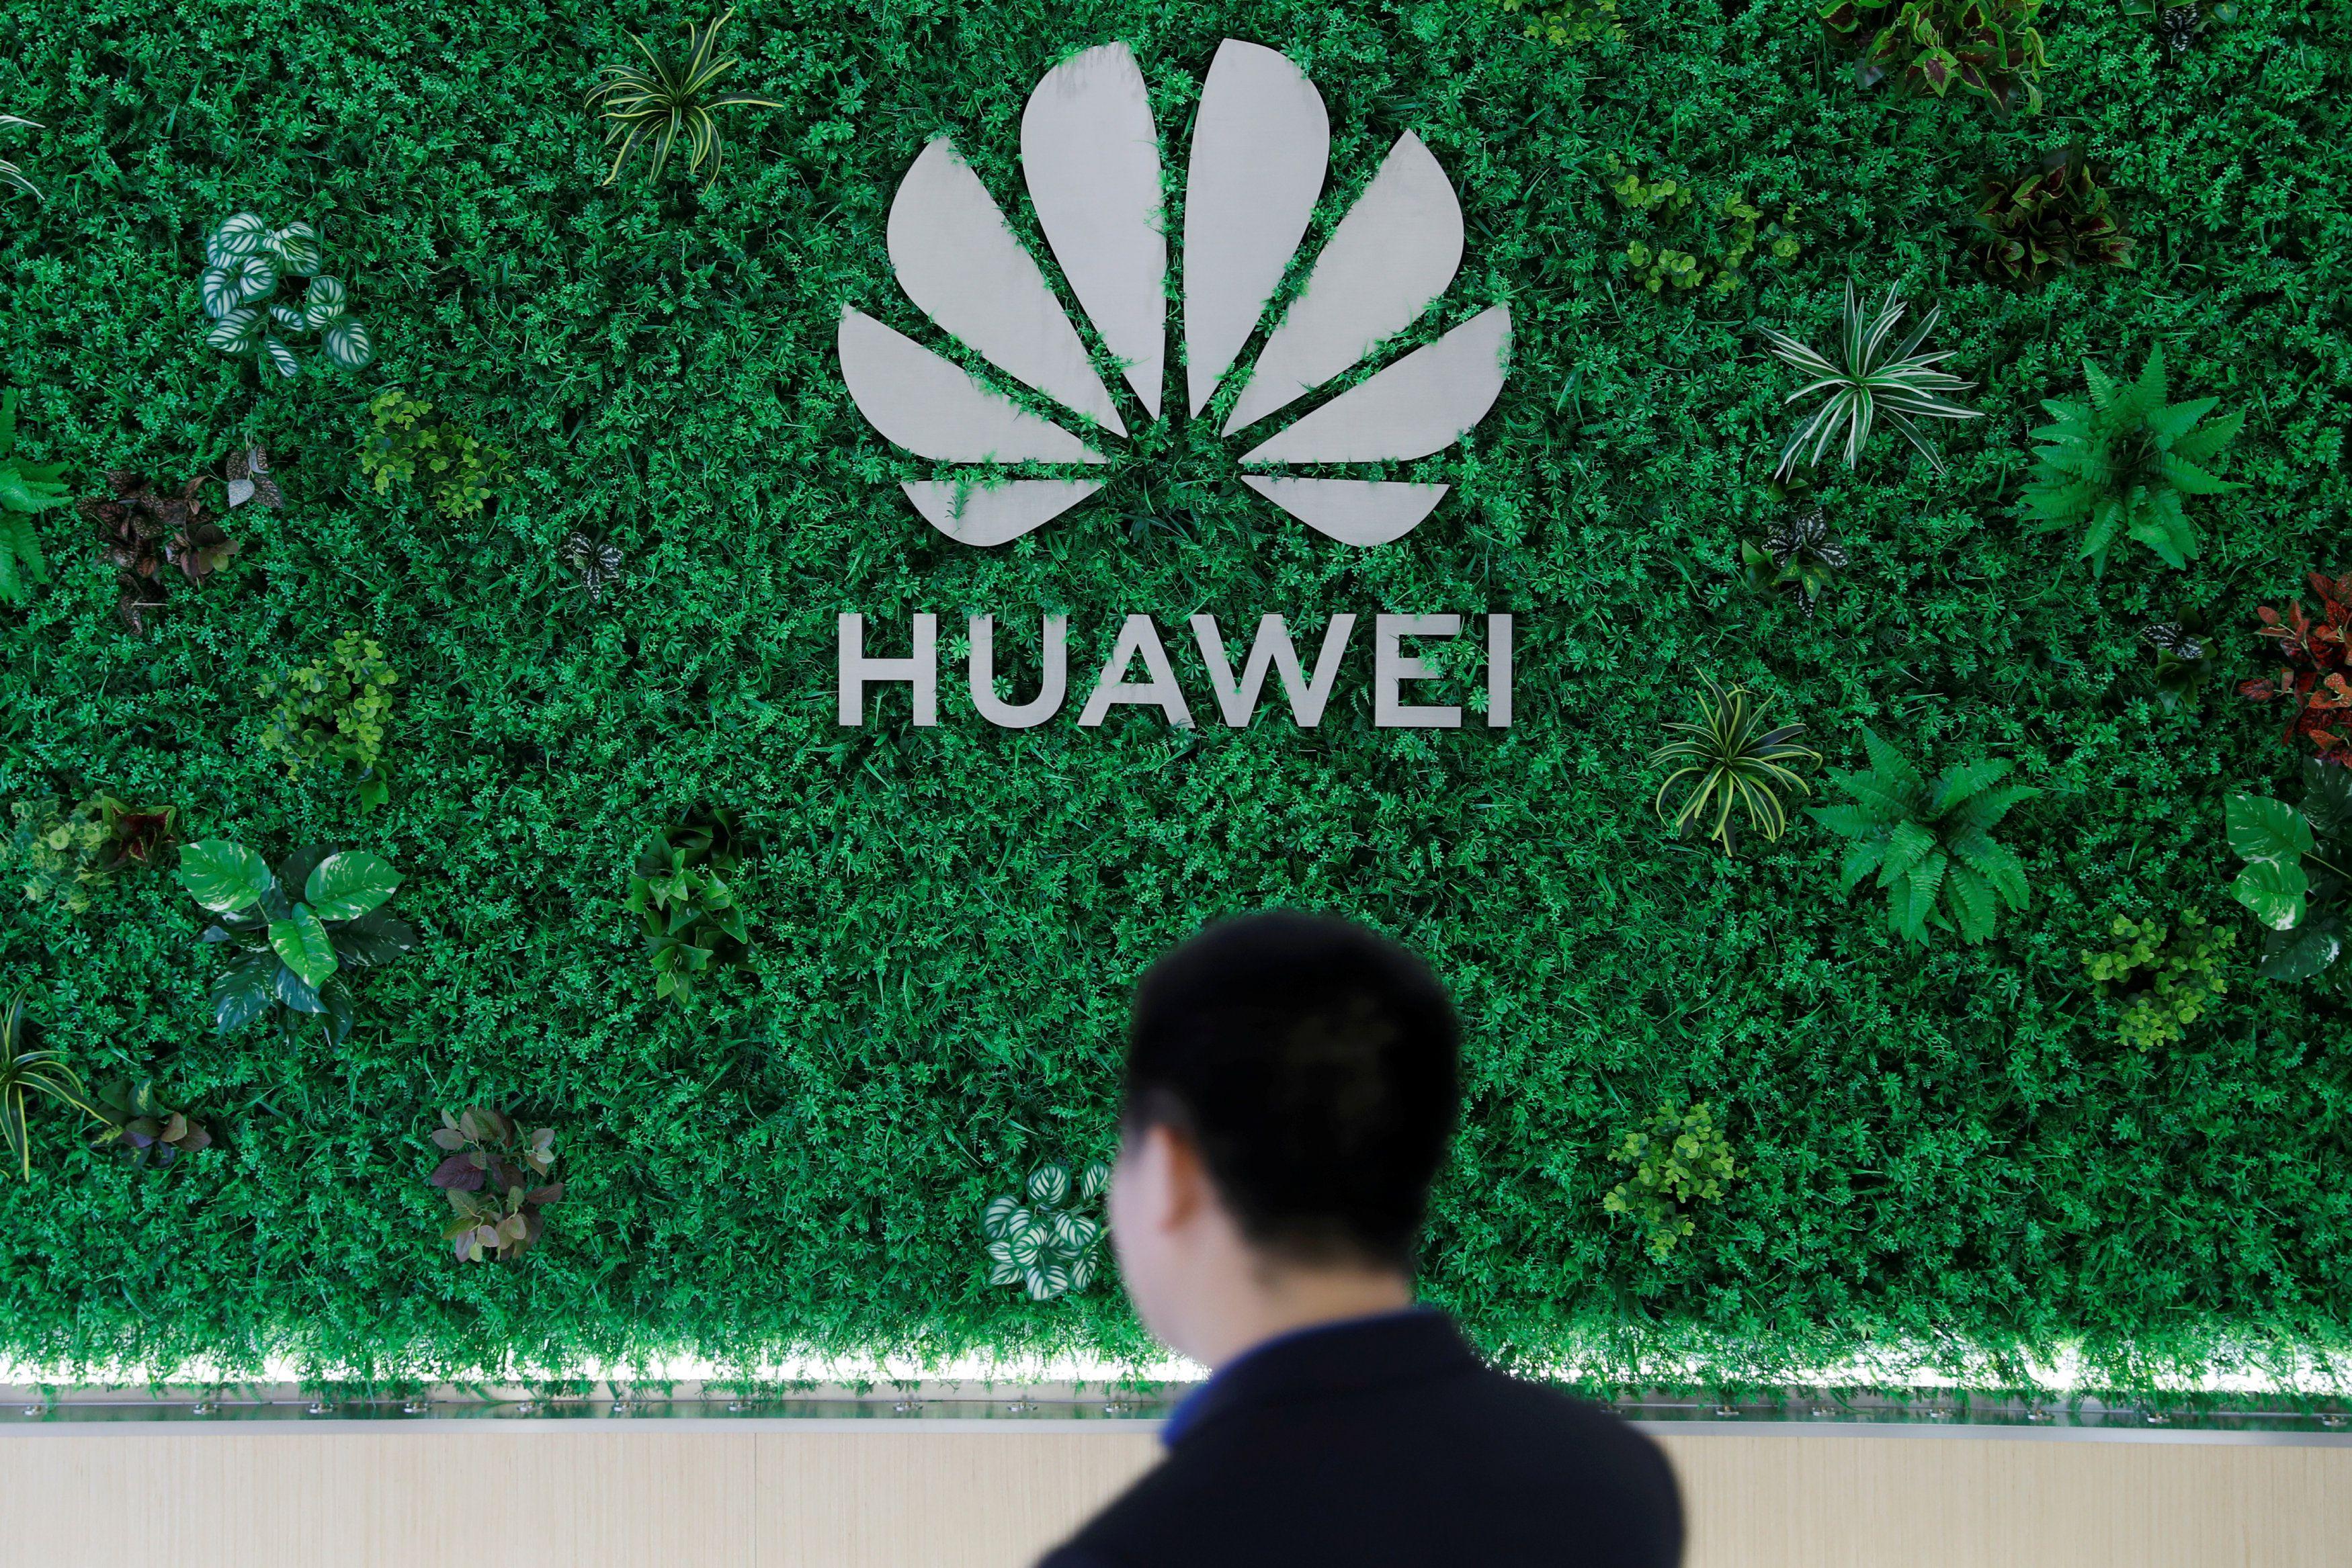 El logotipo de Huawei se ve en su sala de exposición en Shenzhen, provincia de Guangdong, China, 29 de marzo de 2019. REUTERS / Tyrone Siu